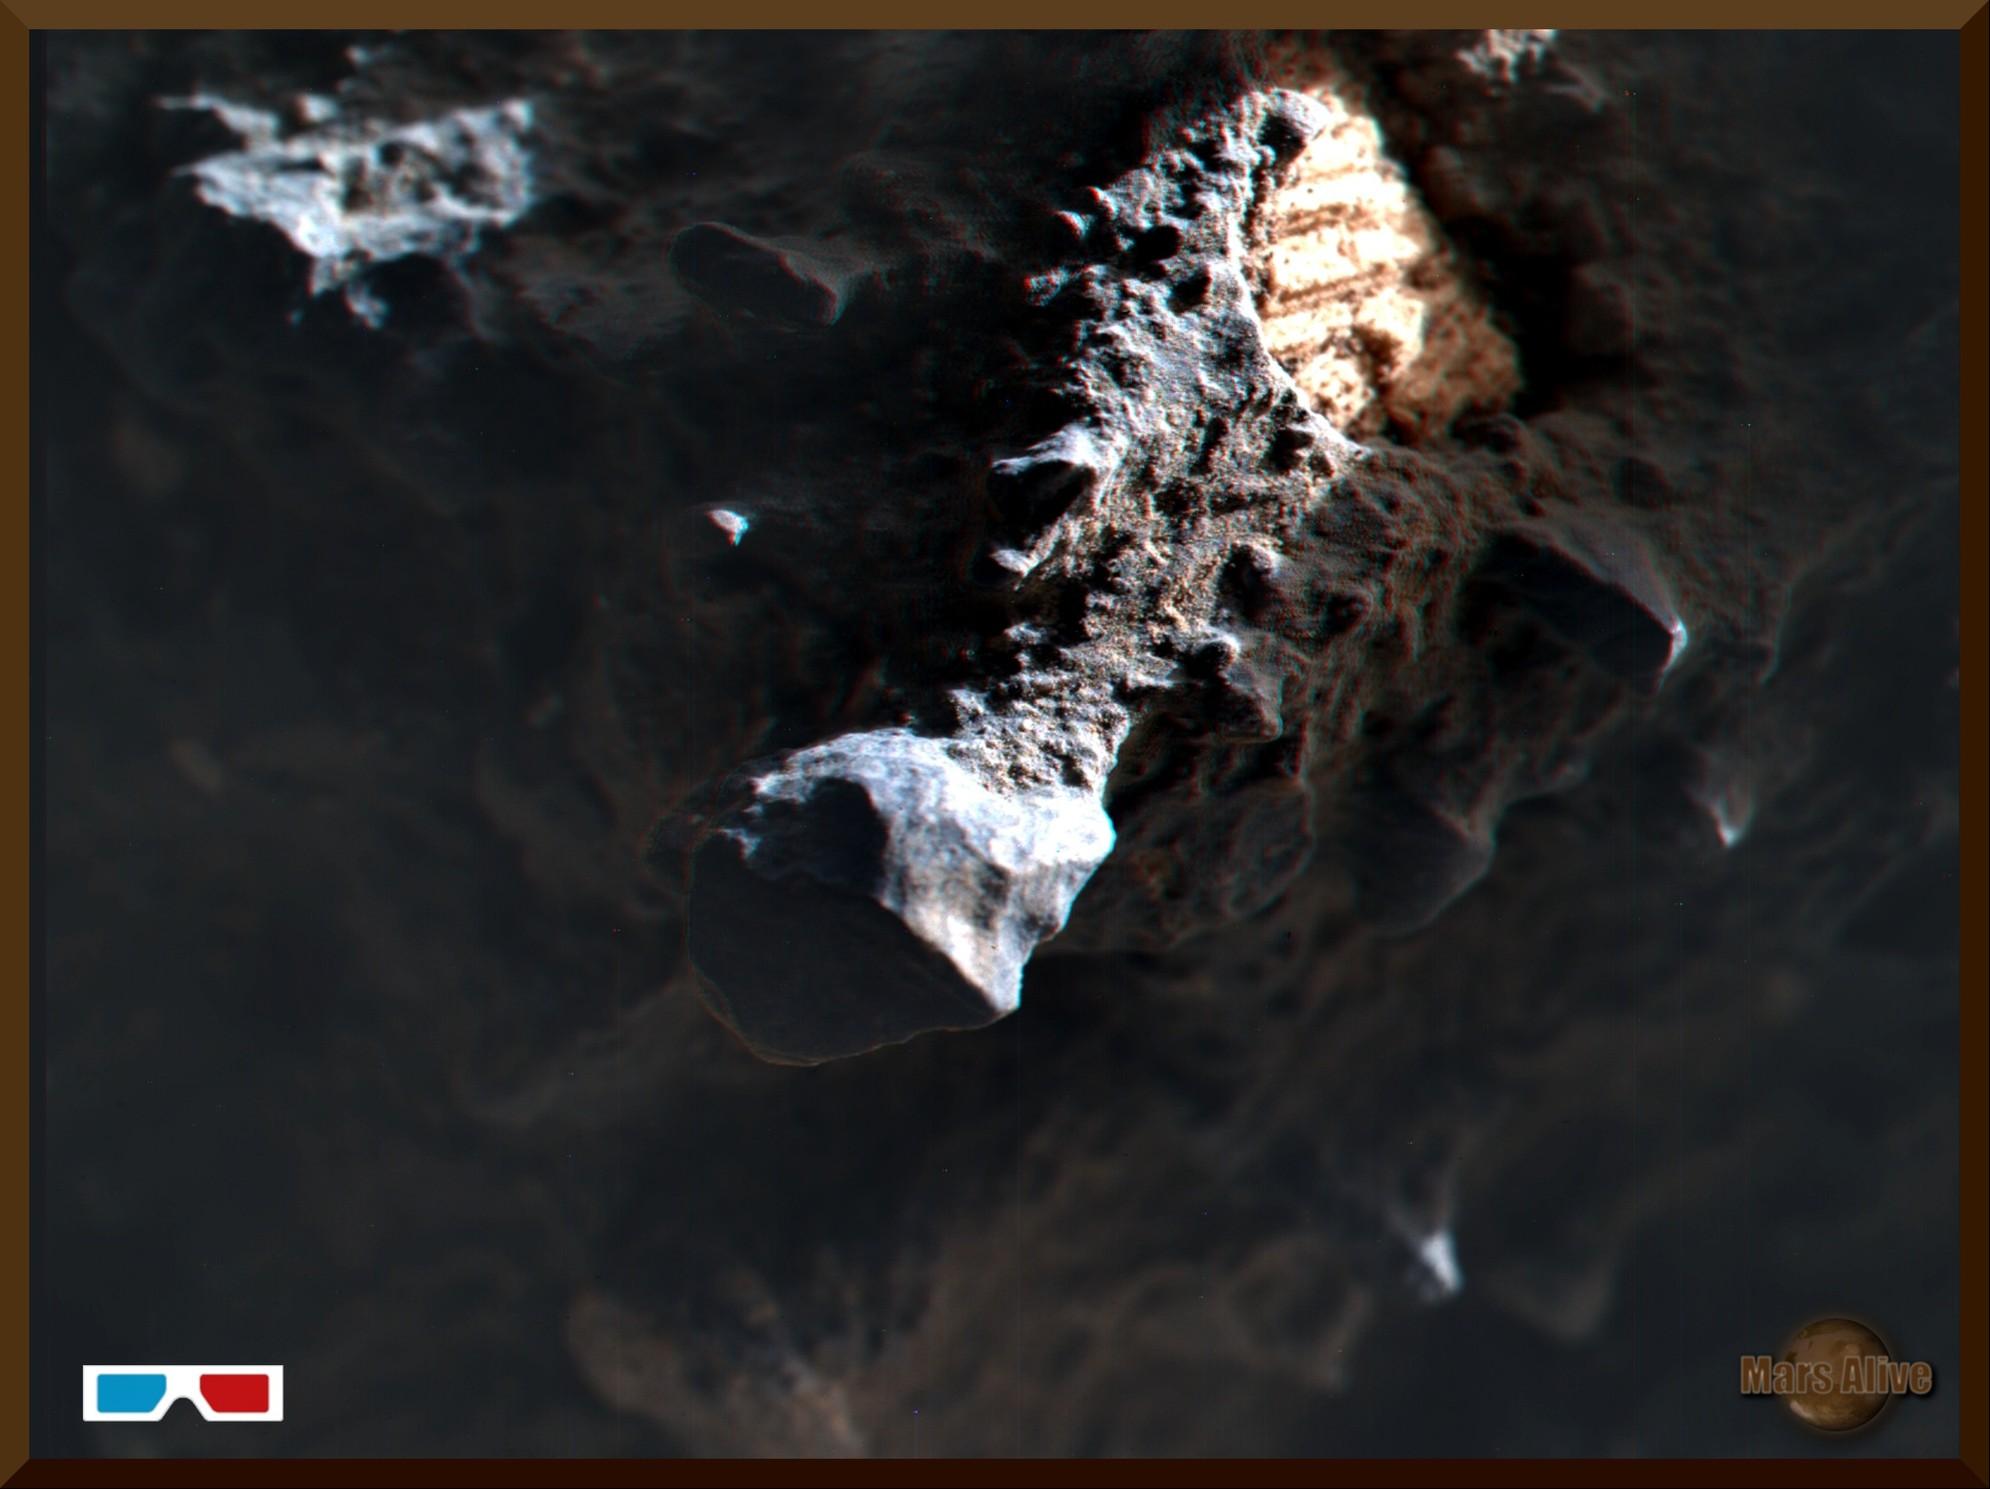 Sol 1409 Curiosity MAHLI (Hand Lens) 3D